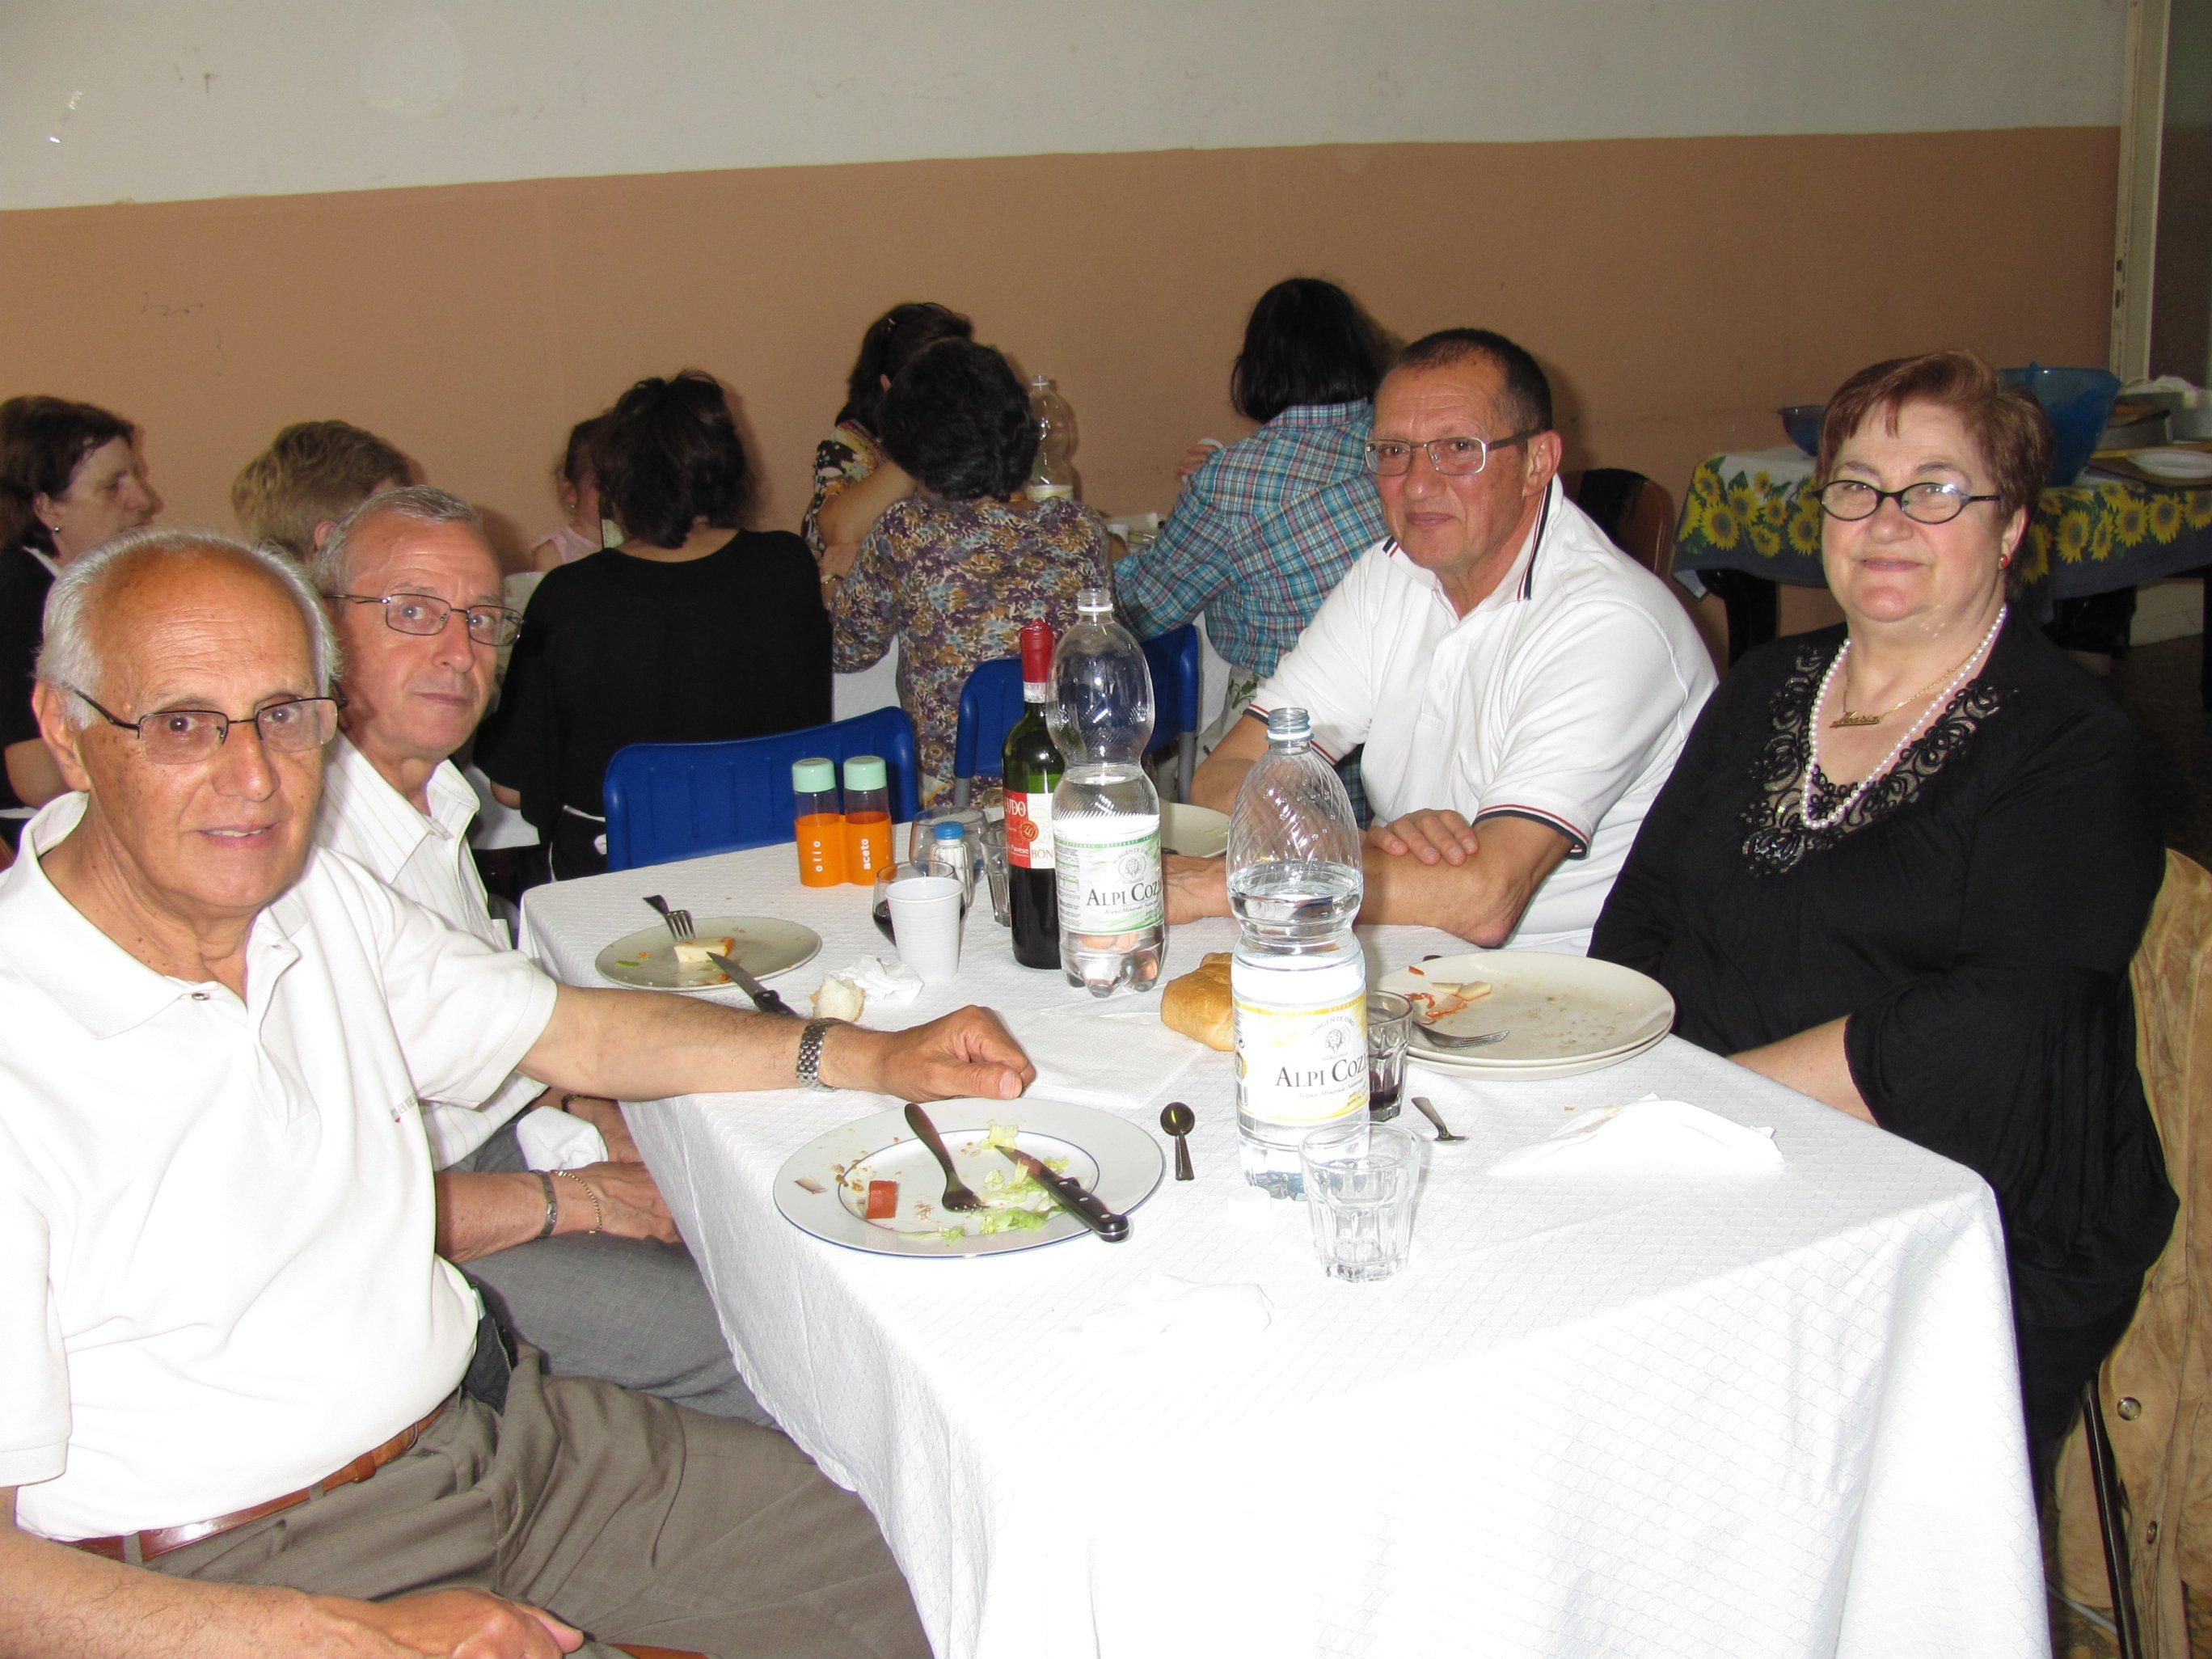 anniversari_di_matrimonio_e_di_ordinazione_2012-06-03-13-12-58